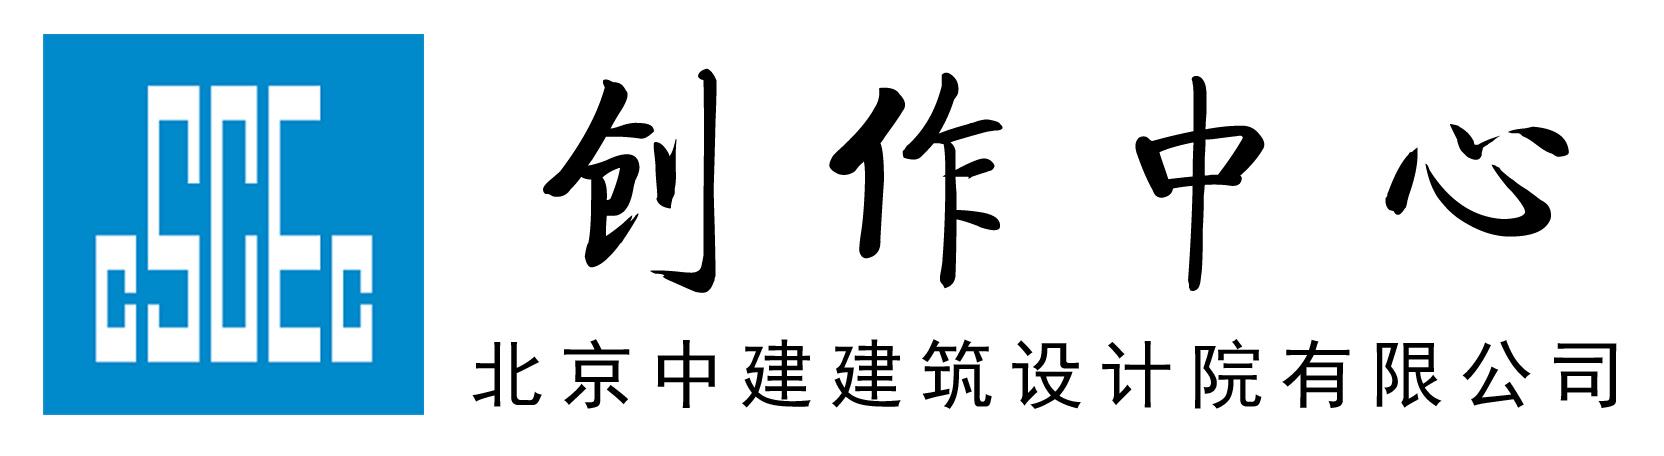 北京中建建筑设计院有限公司